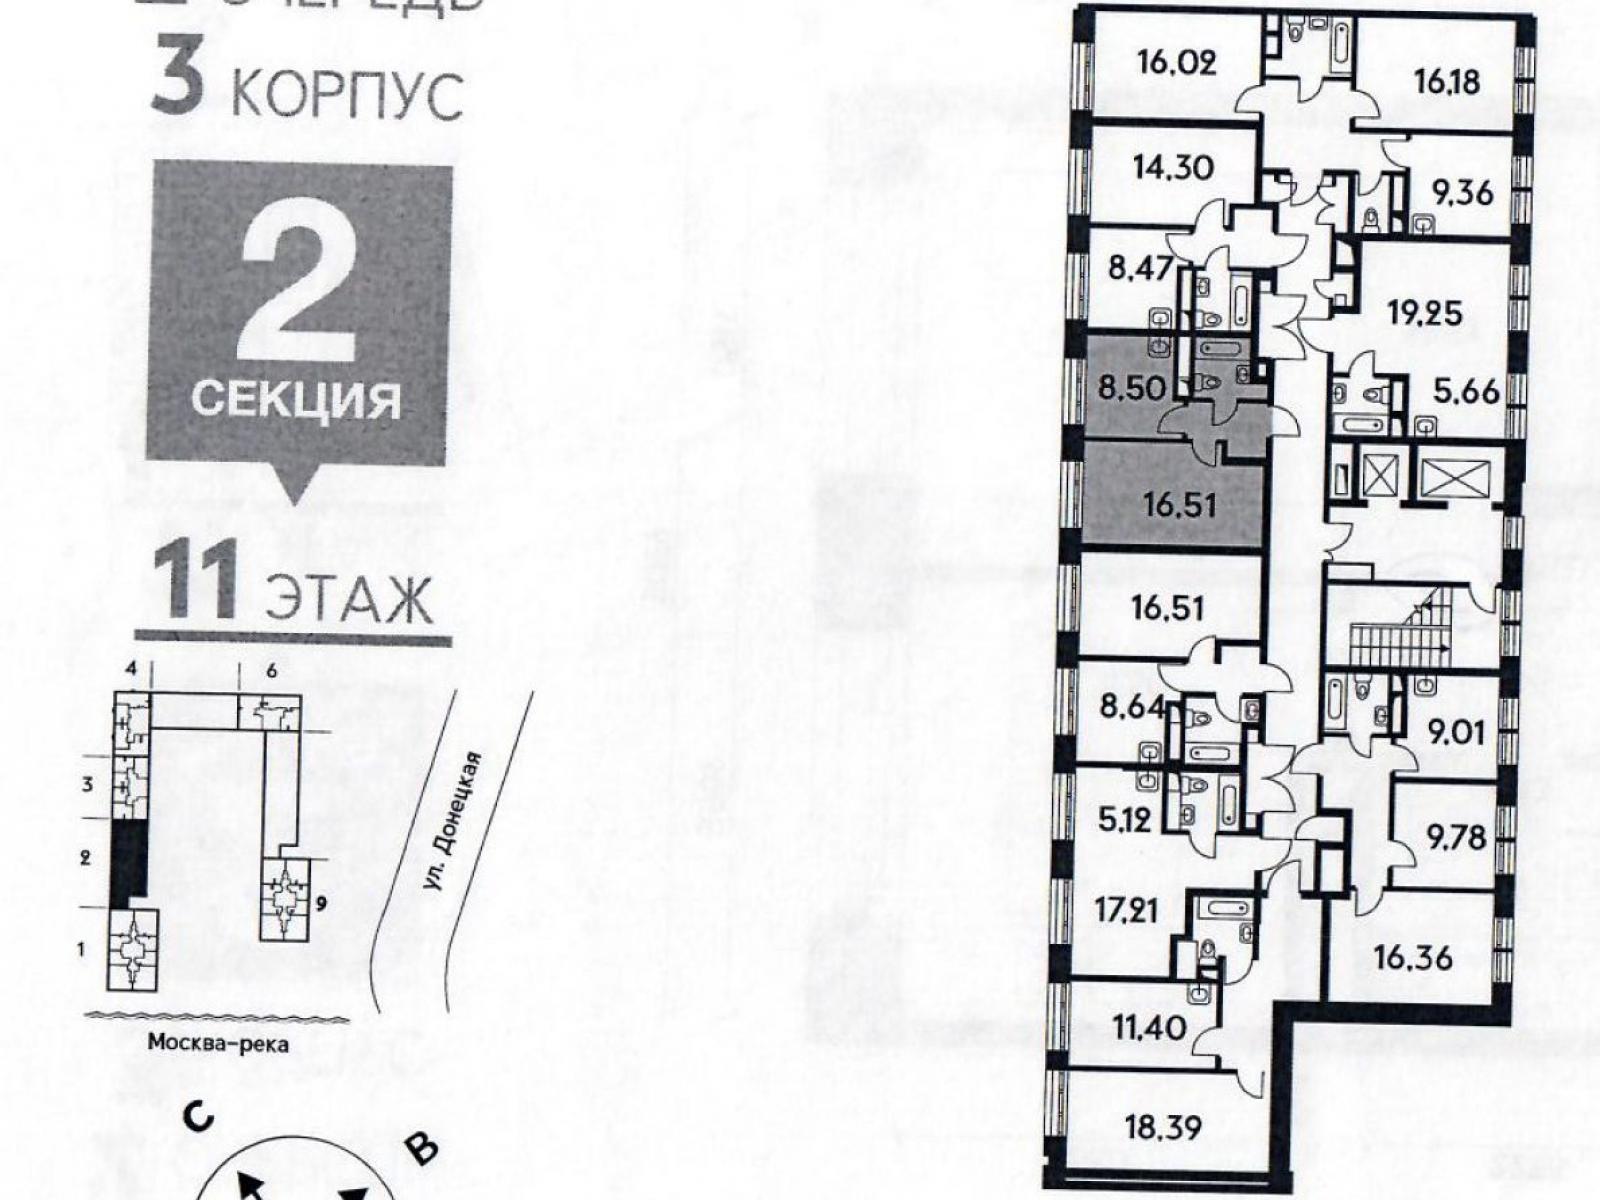 Фото №3 - 1-комнатная квартира, Москва, Донецкая улица 34 корпус 3, метро Марьино